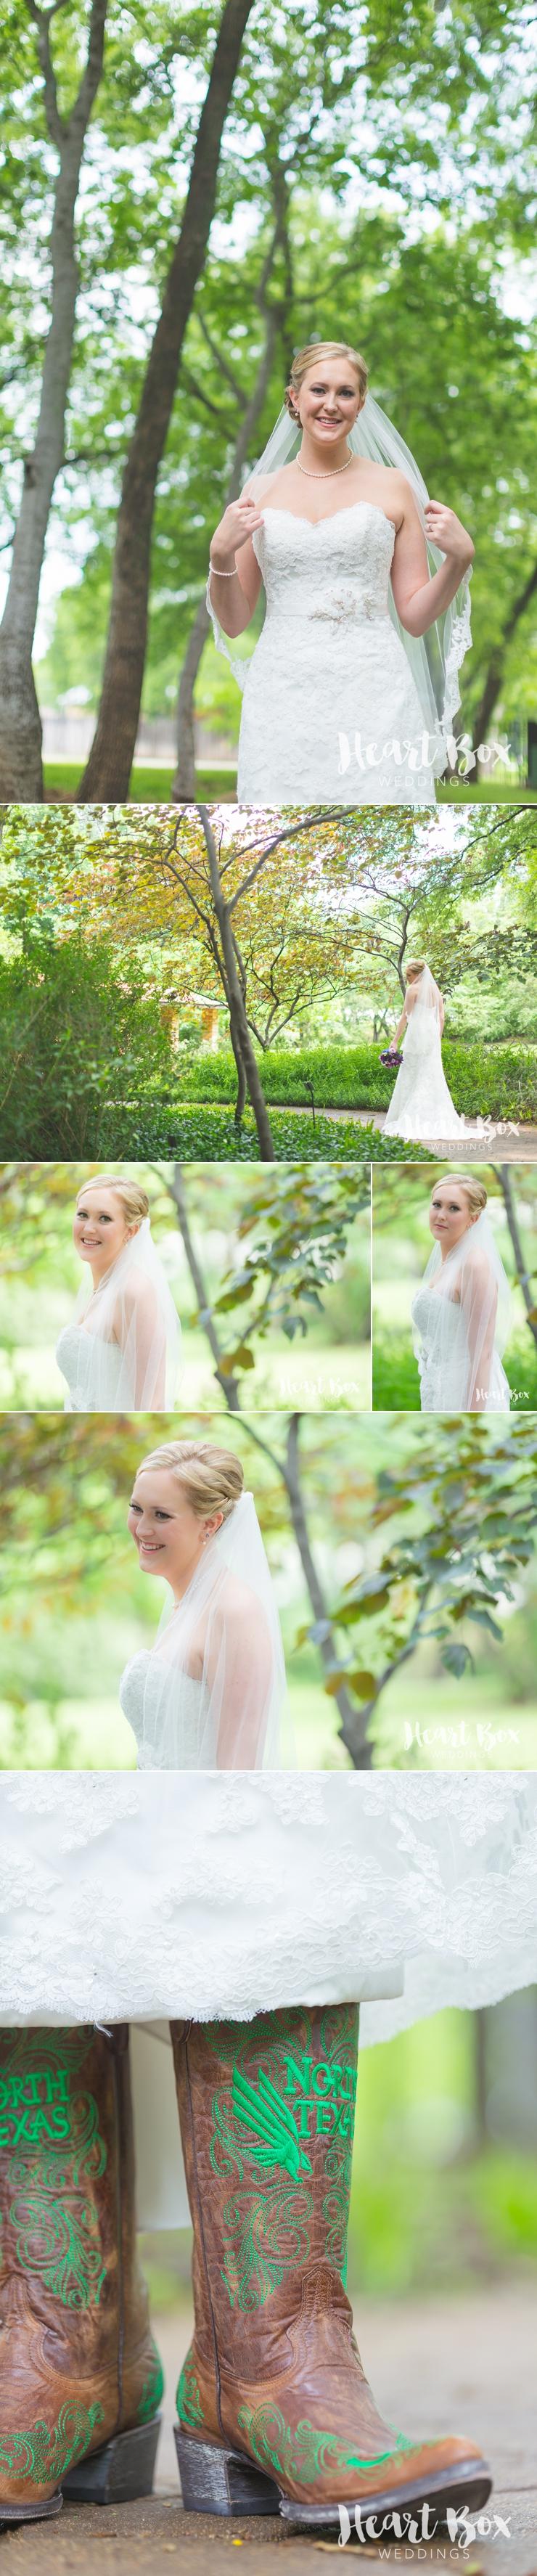 Kayla Bridal Blog Collage 2.jpg